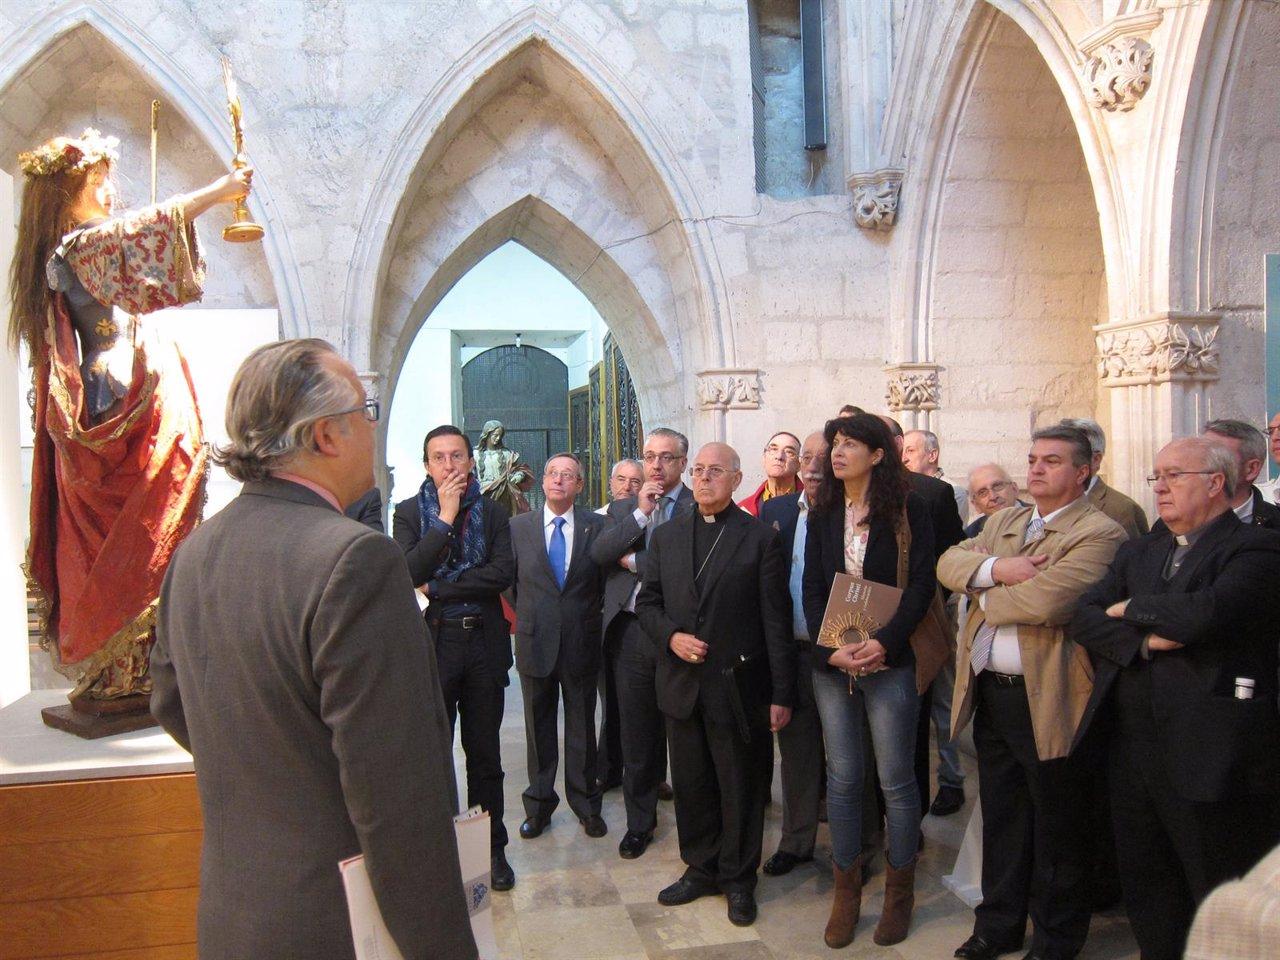 Exposición sobre el Corpus en la Catedral de Valladolid